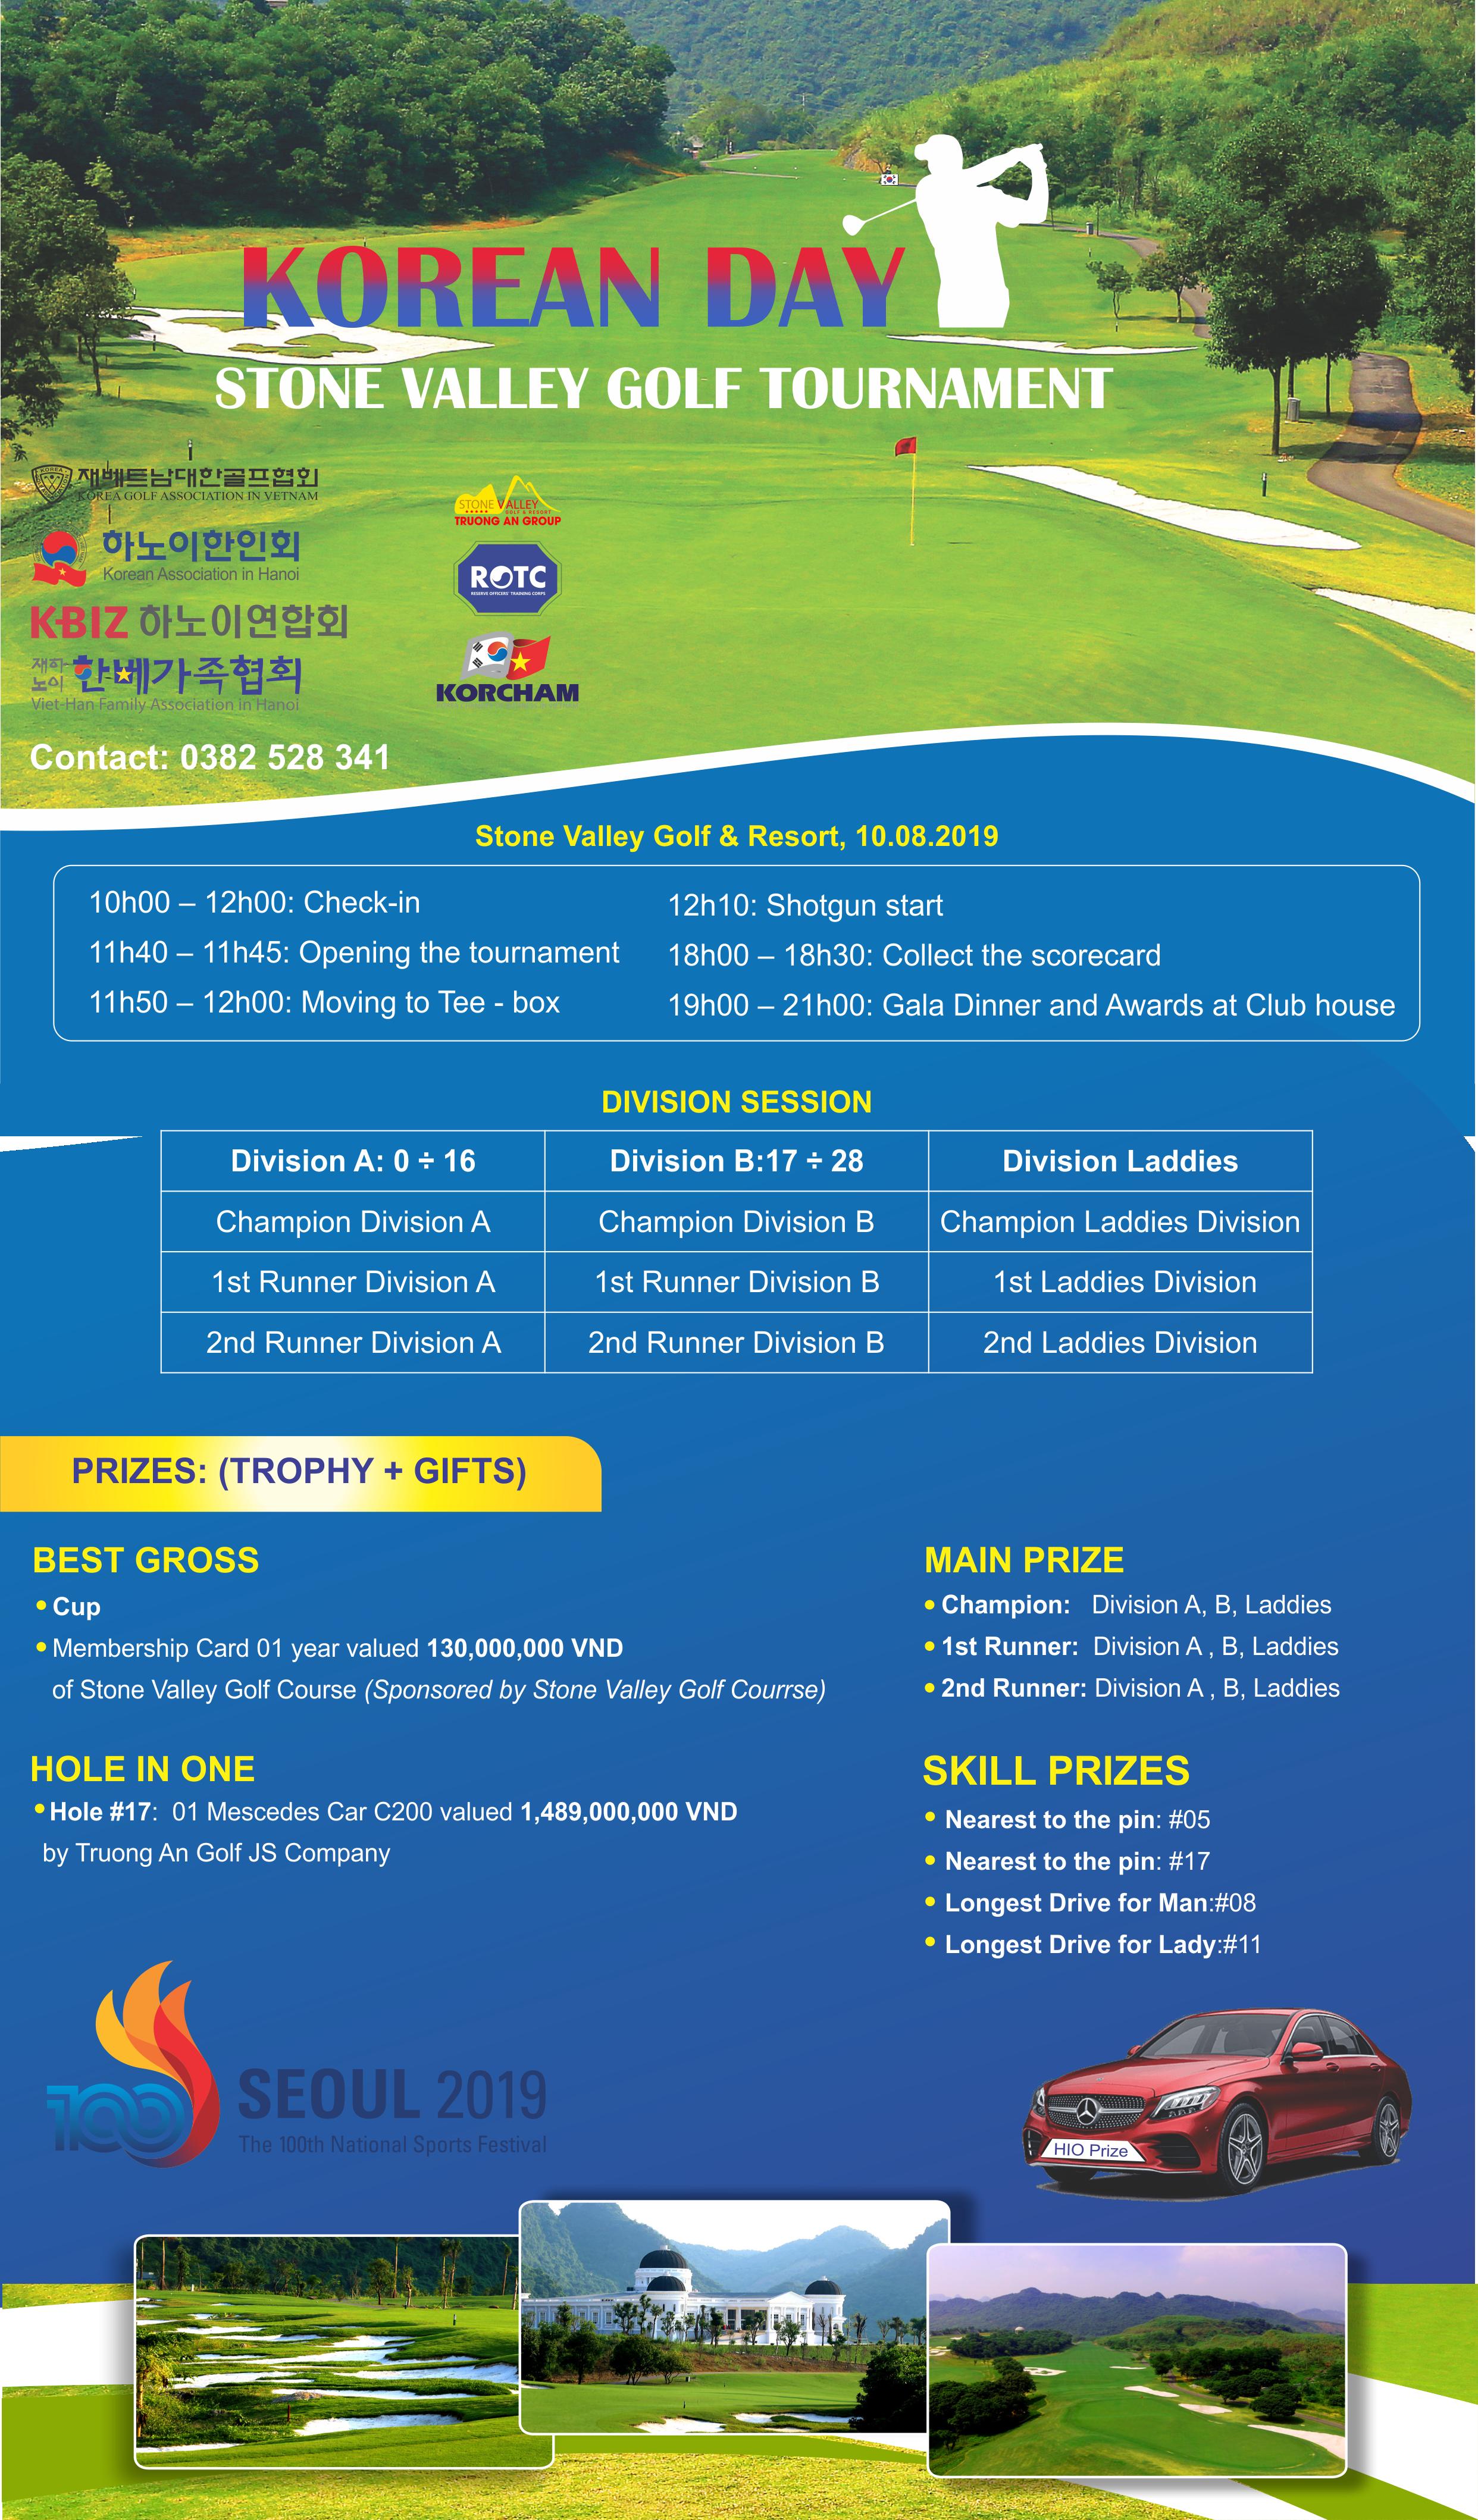 Korean Day Stone Valley Golf Tournament